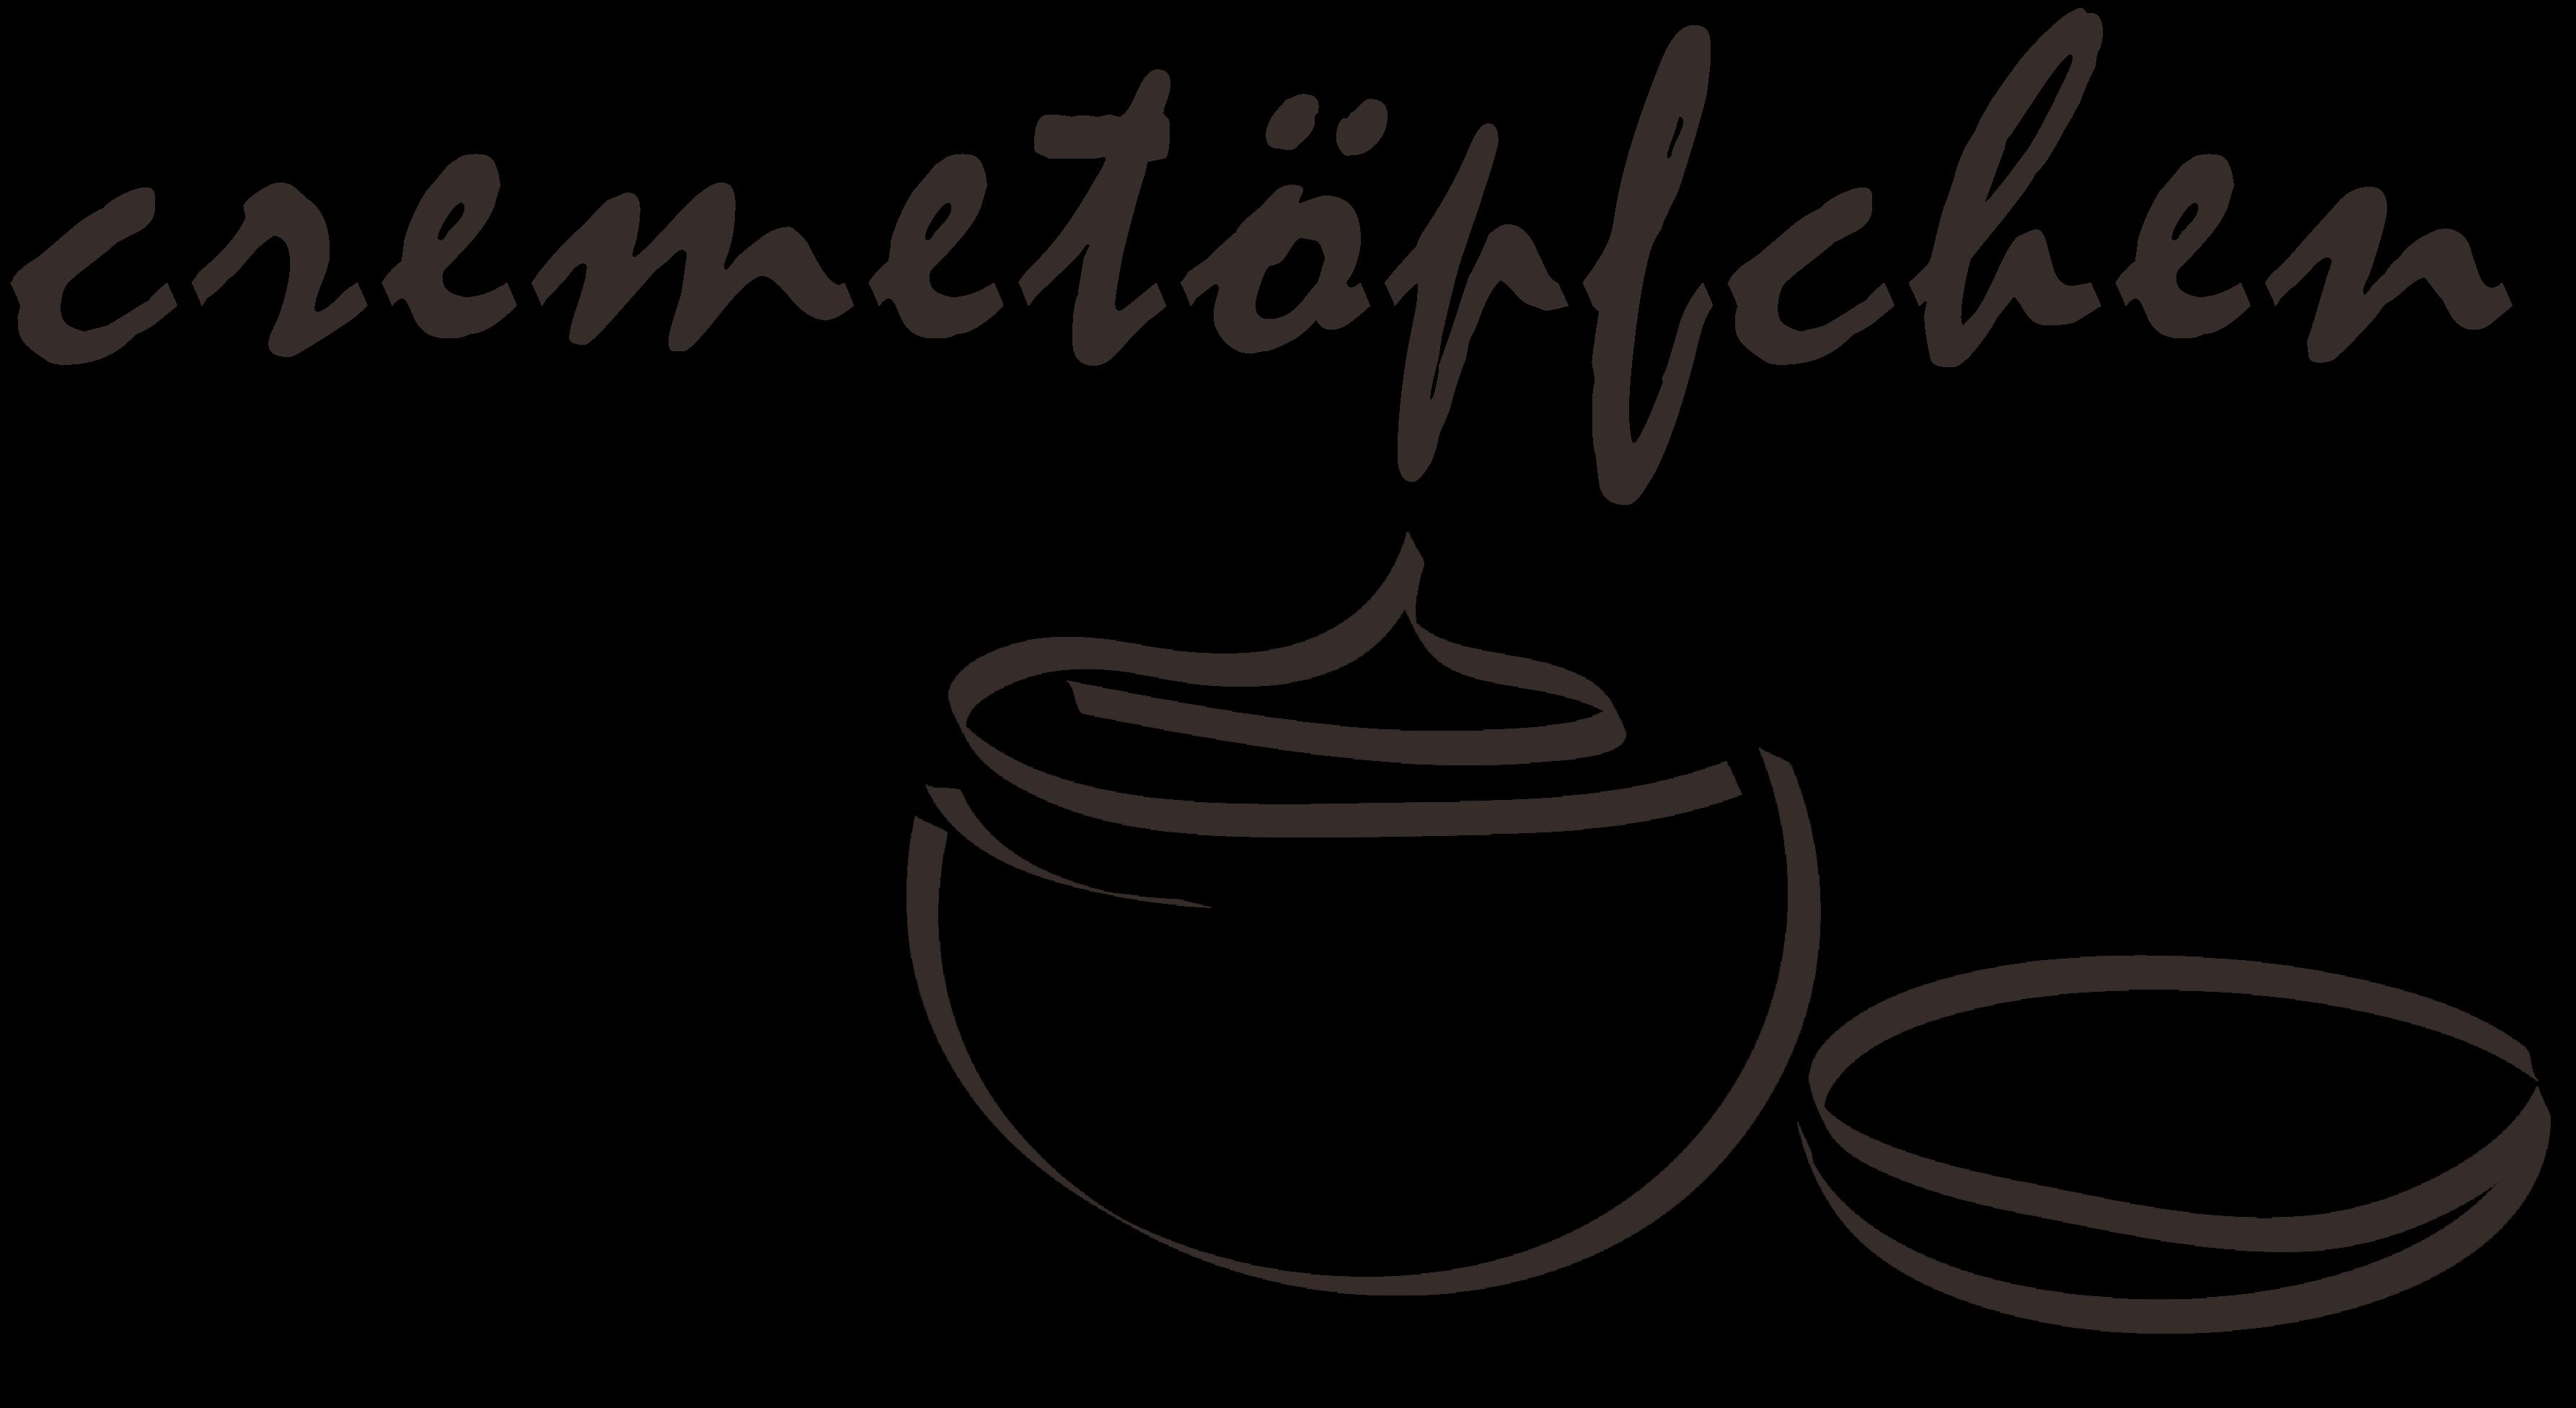 cremetöpfchen Jüchen